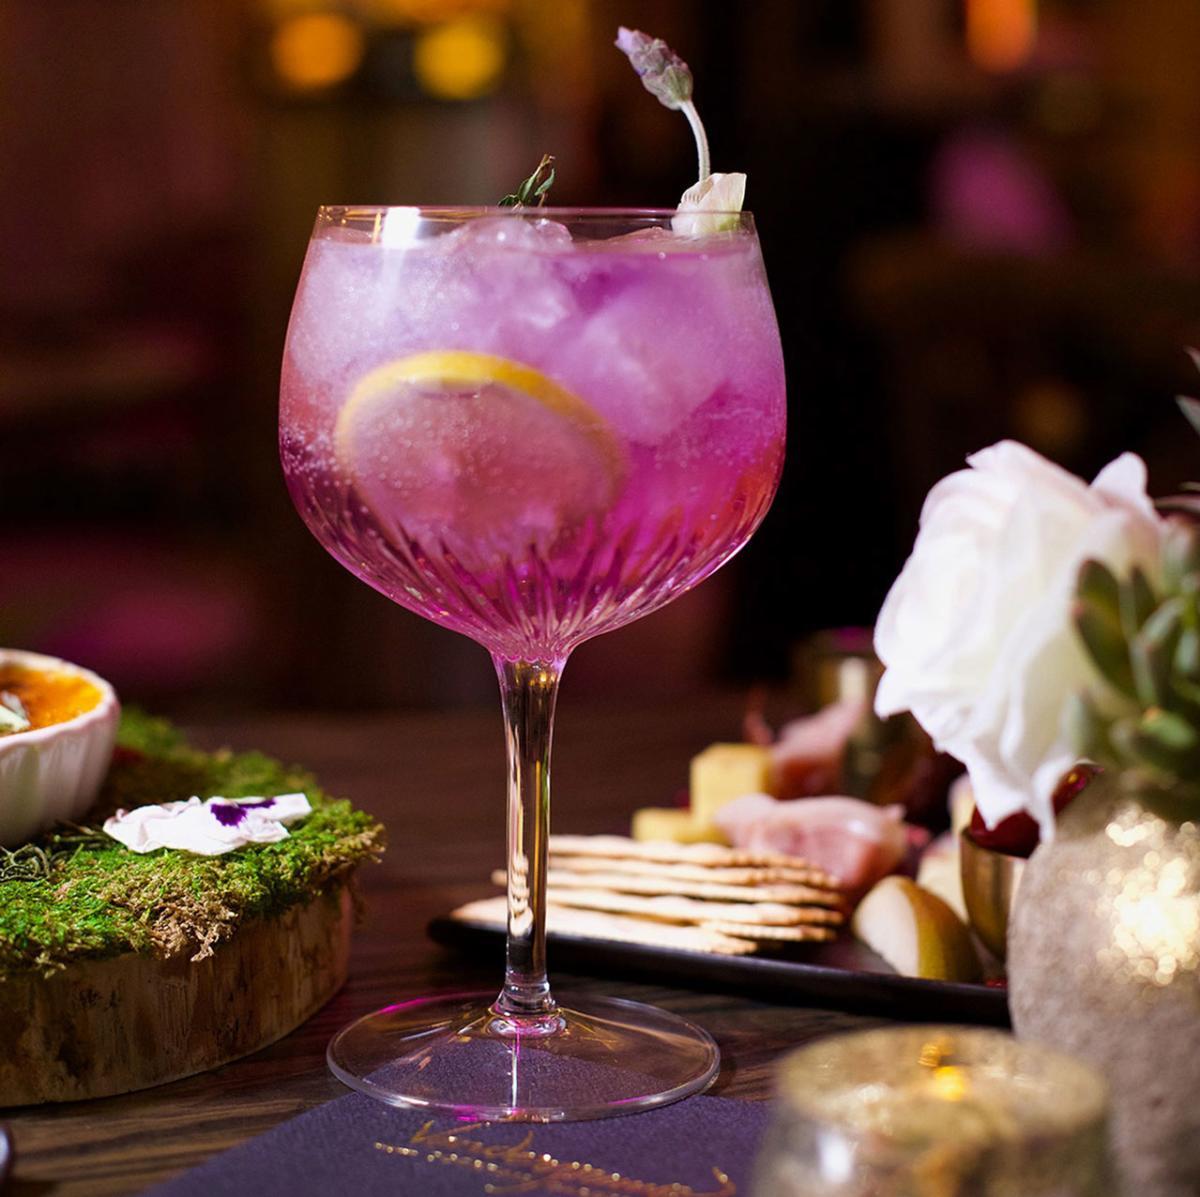 The Giggy Tonic at Vanderpump Cocktail Garden